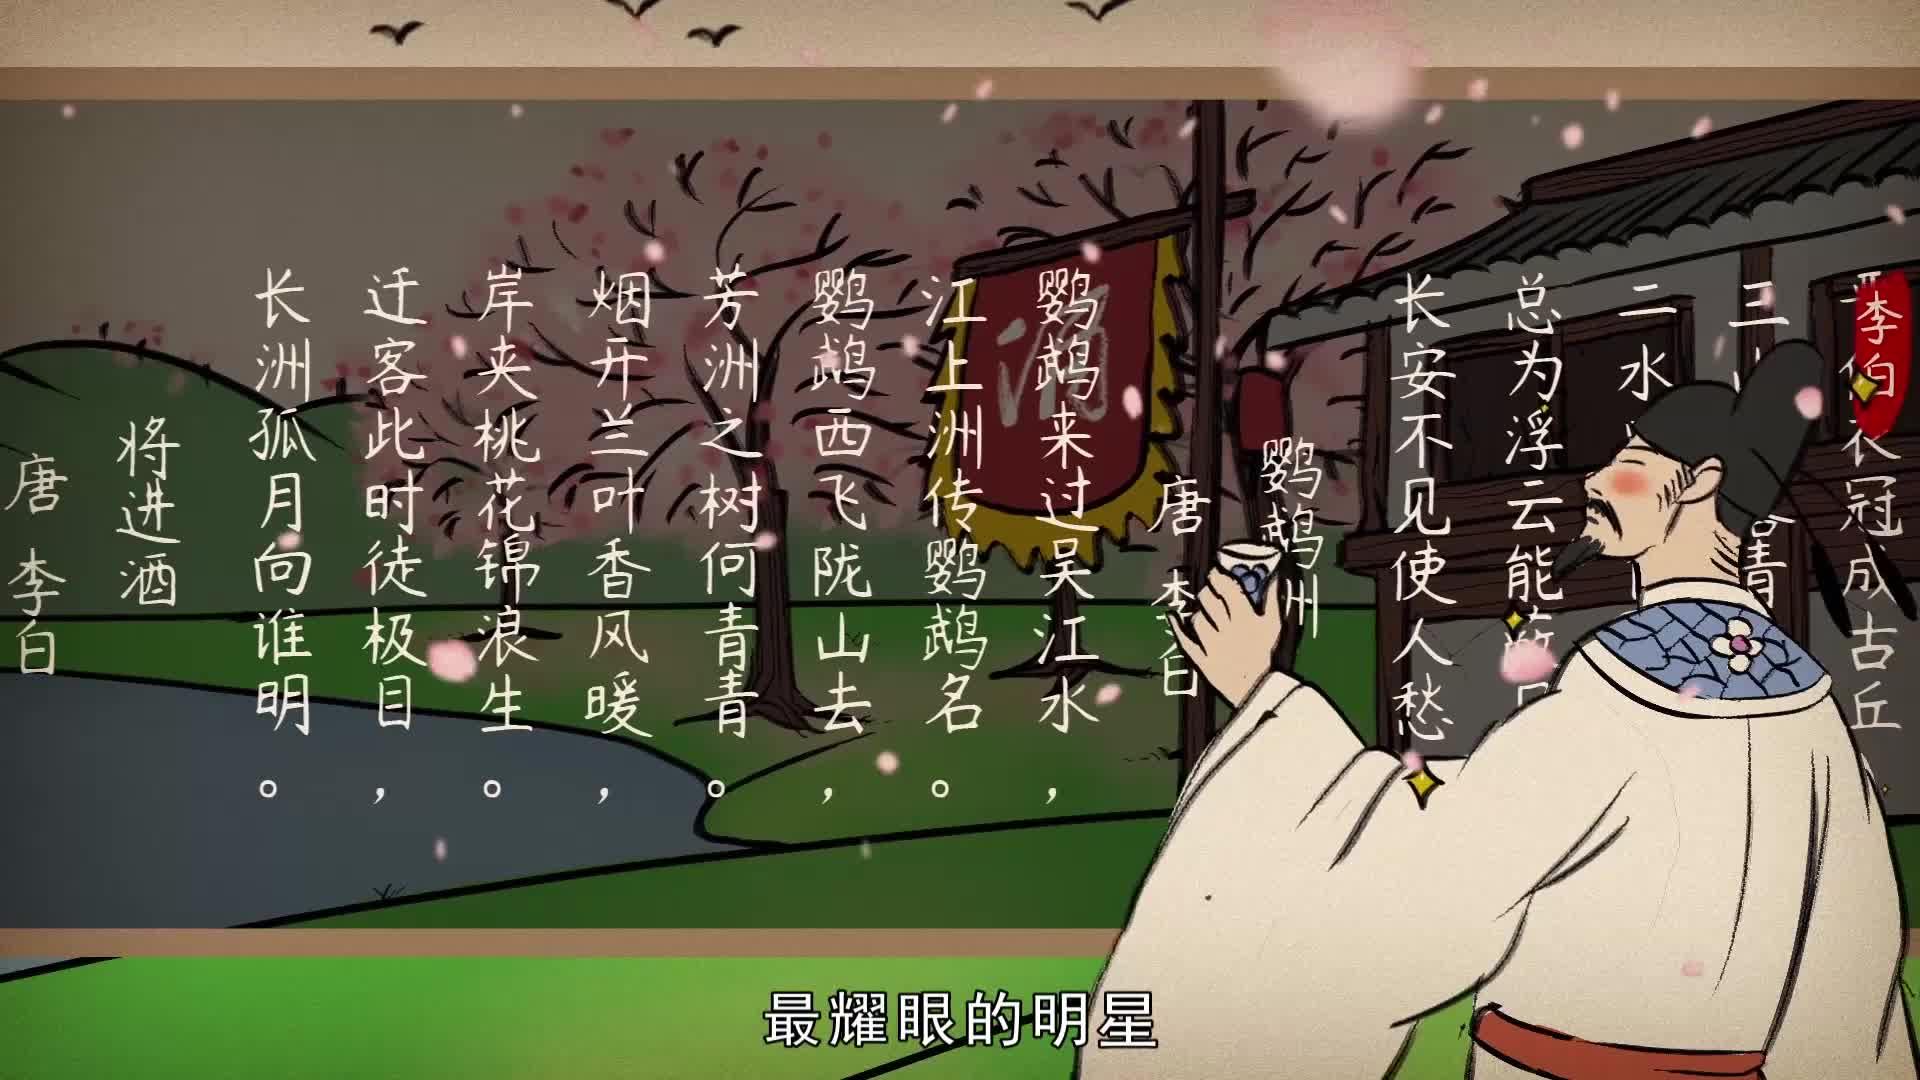 《小学古诗》35早发白帝城-唐 李白